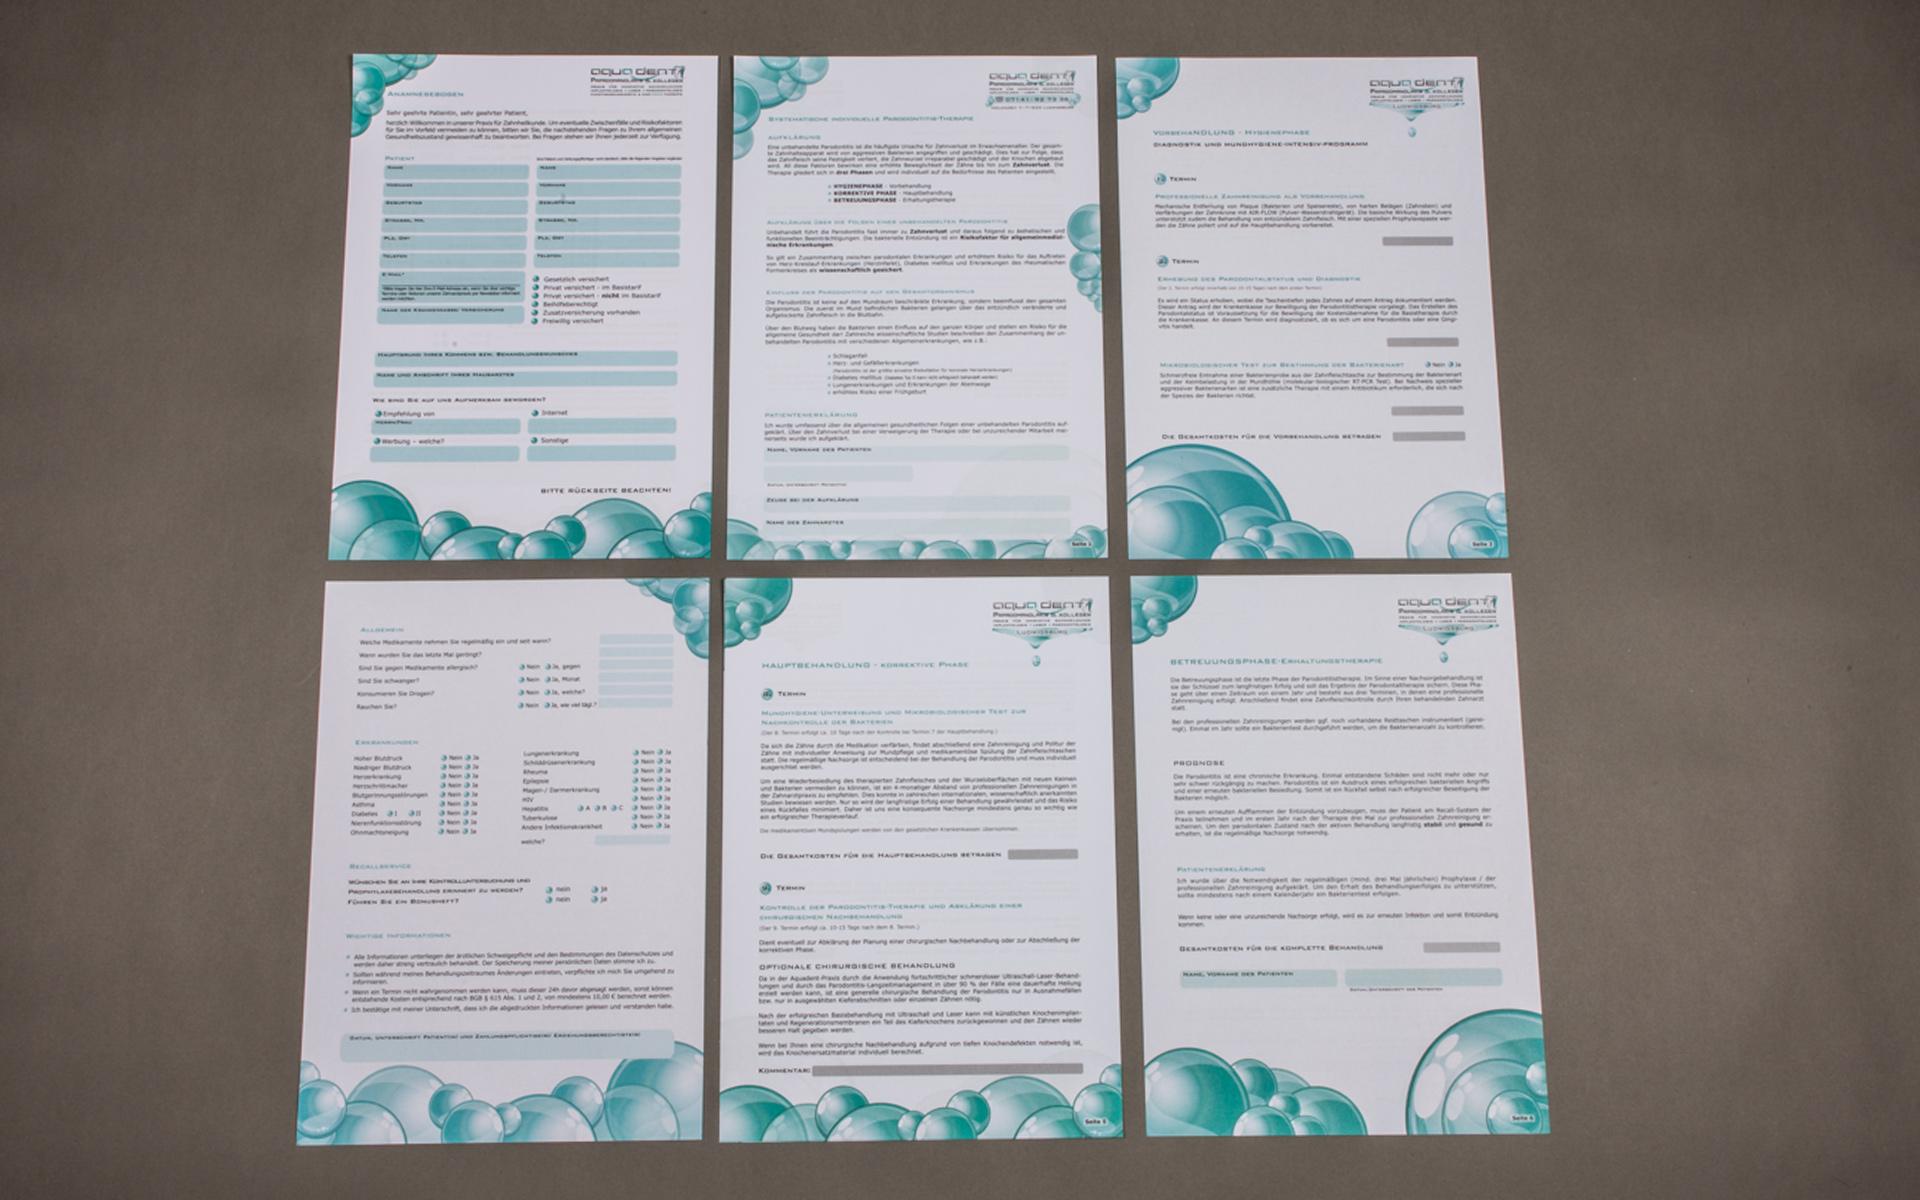 Anamnesebogen Arztpraxis,Corporate Design, Visitenkarten, Flyer, Geschäftspapiere, Logo, Briefpapier, Briefumschläge